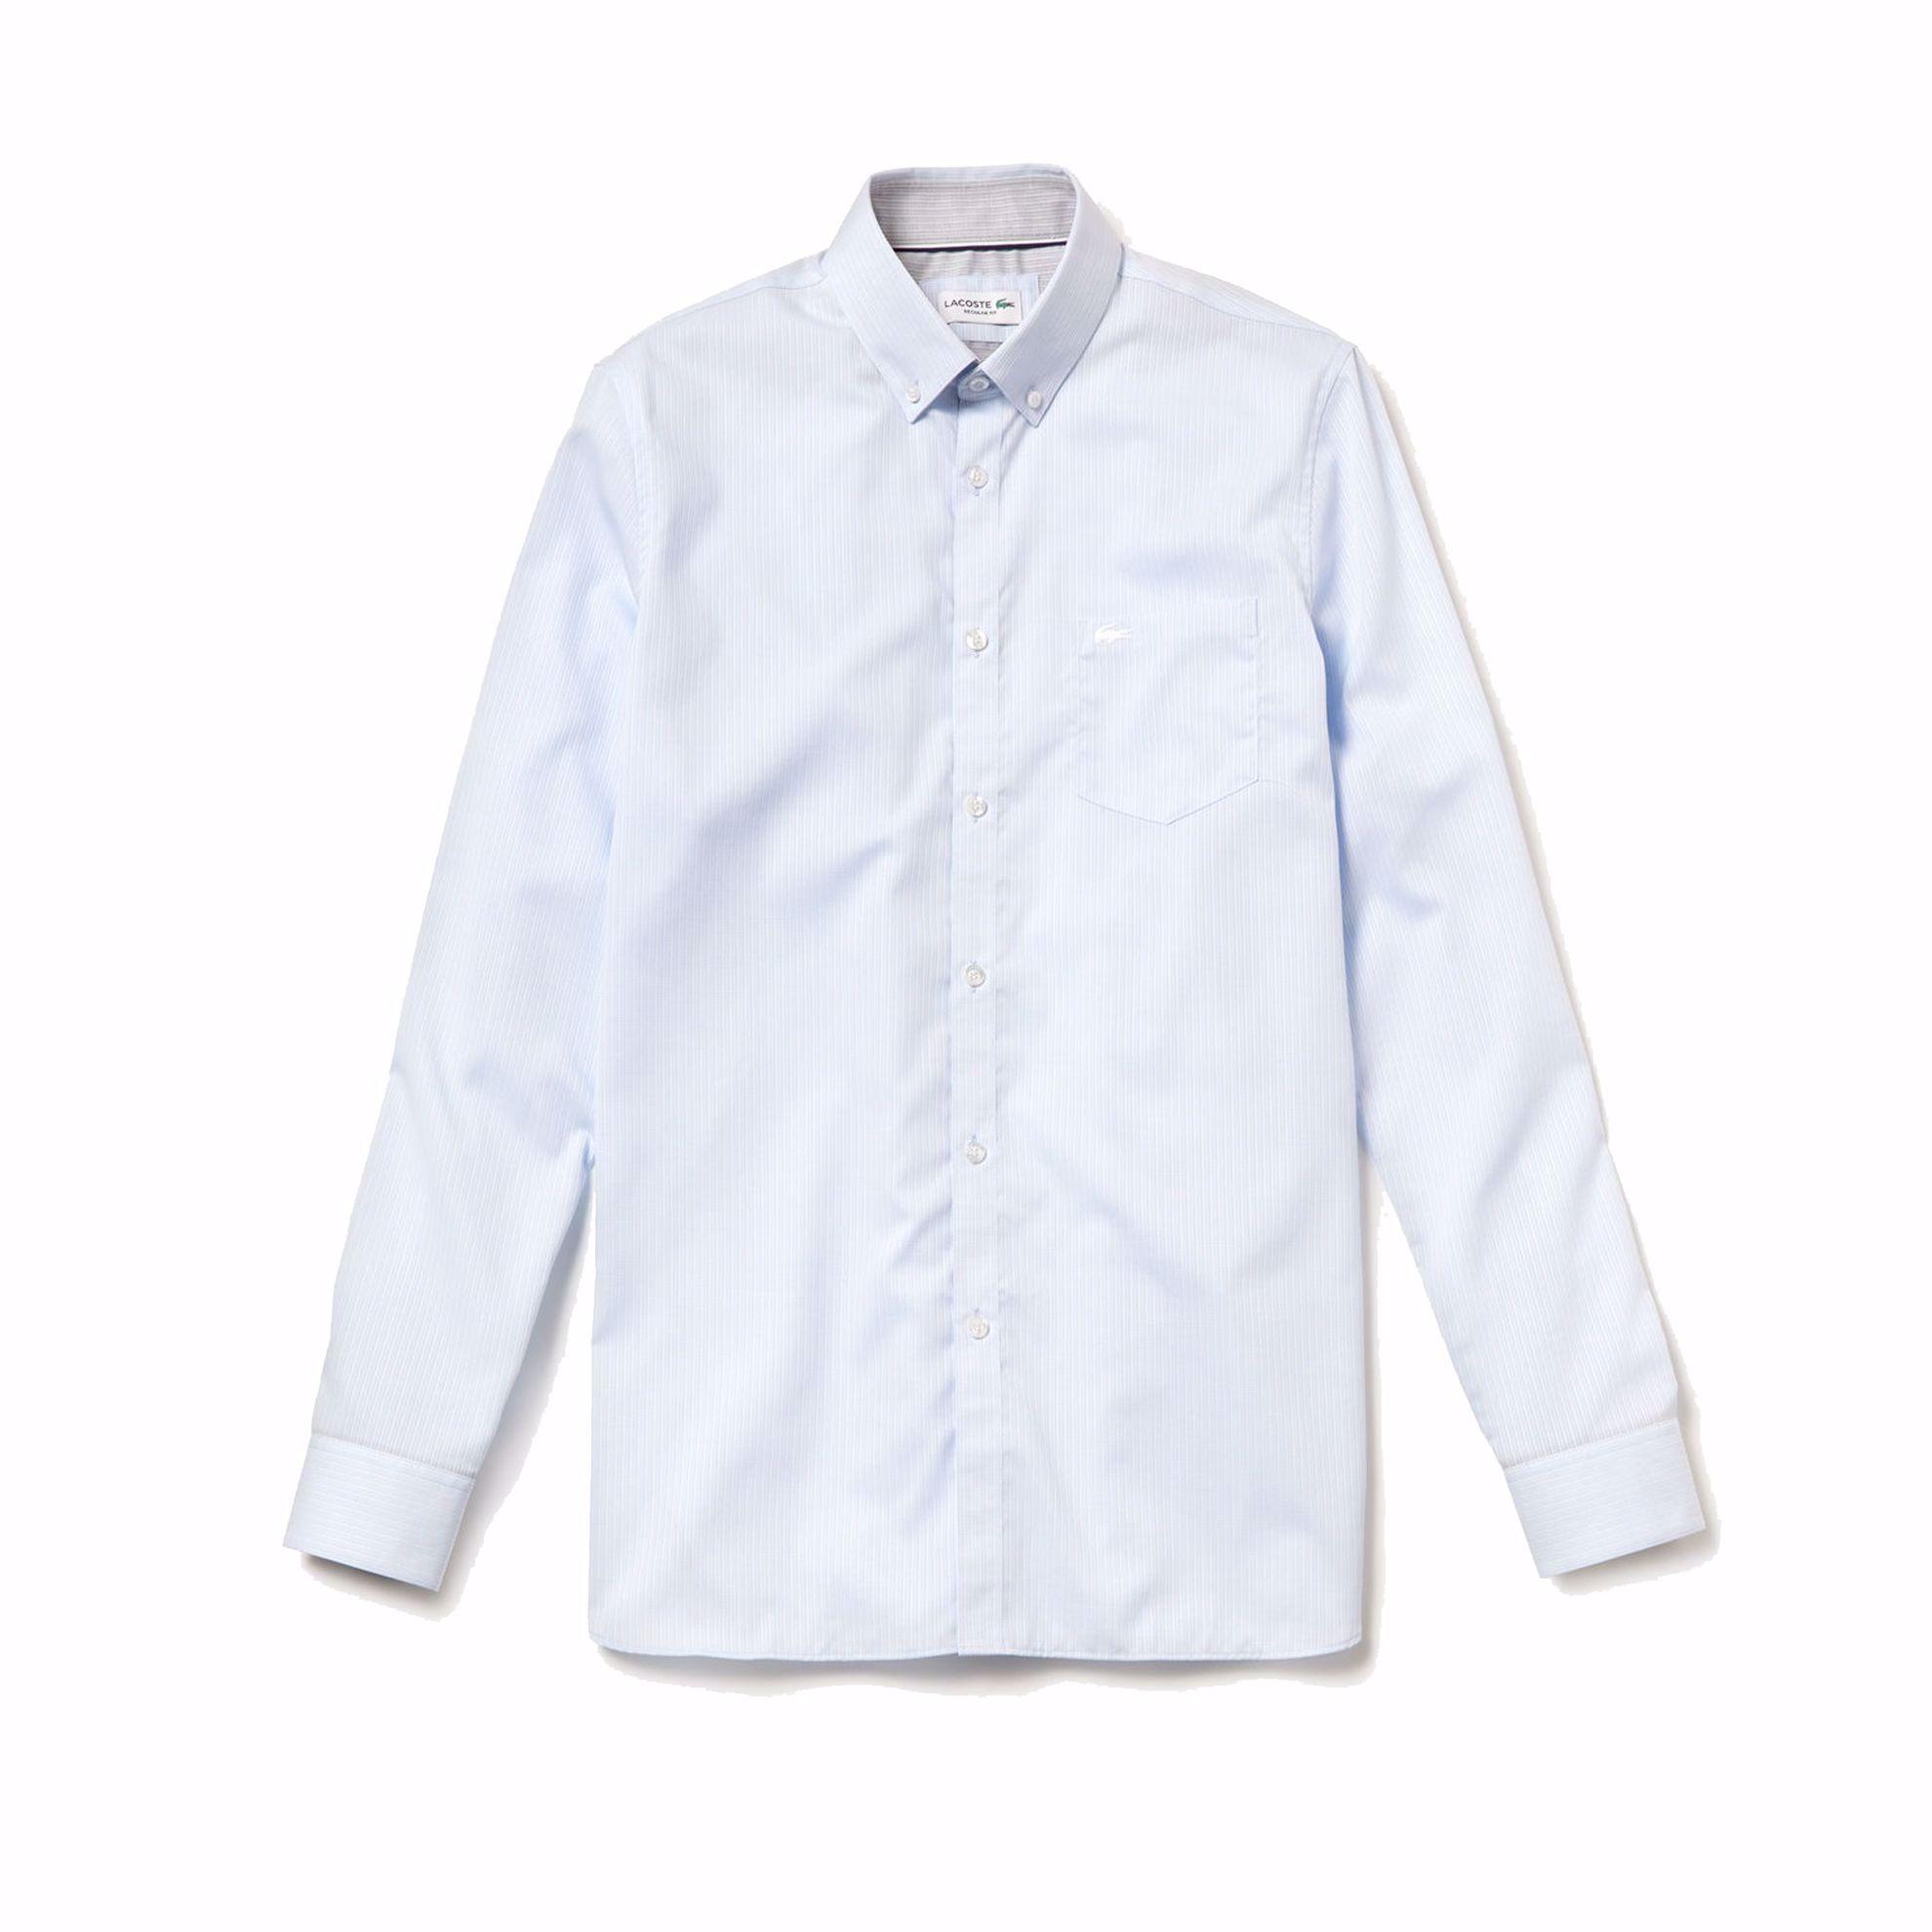 Biancoblu Chiaro Lacoste Regular Texture A Camicia Manica Lunga kiOZPXuT